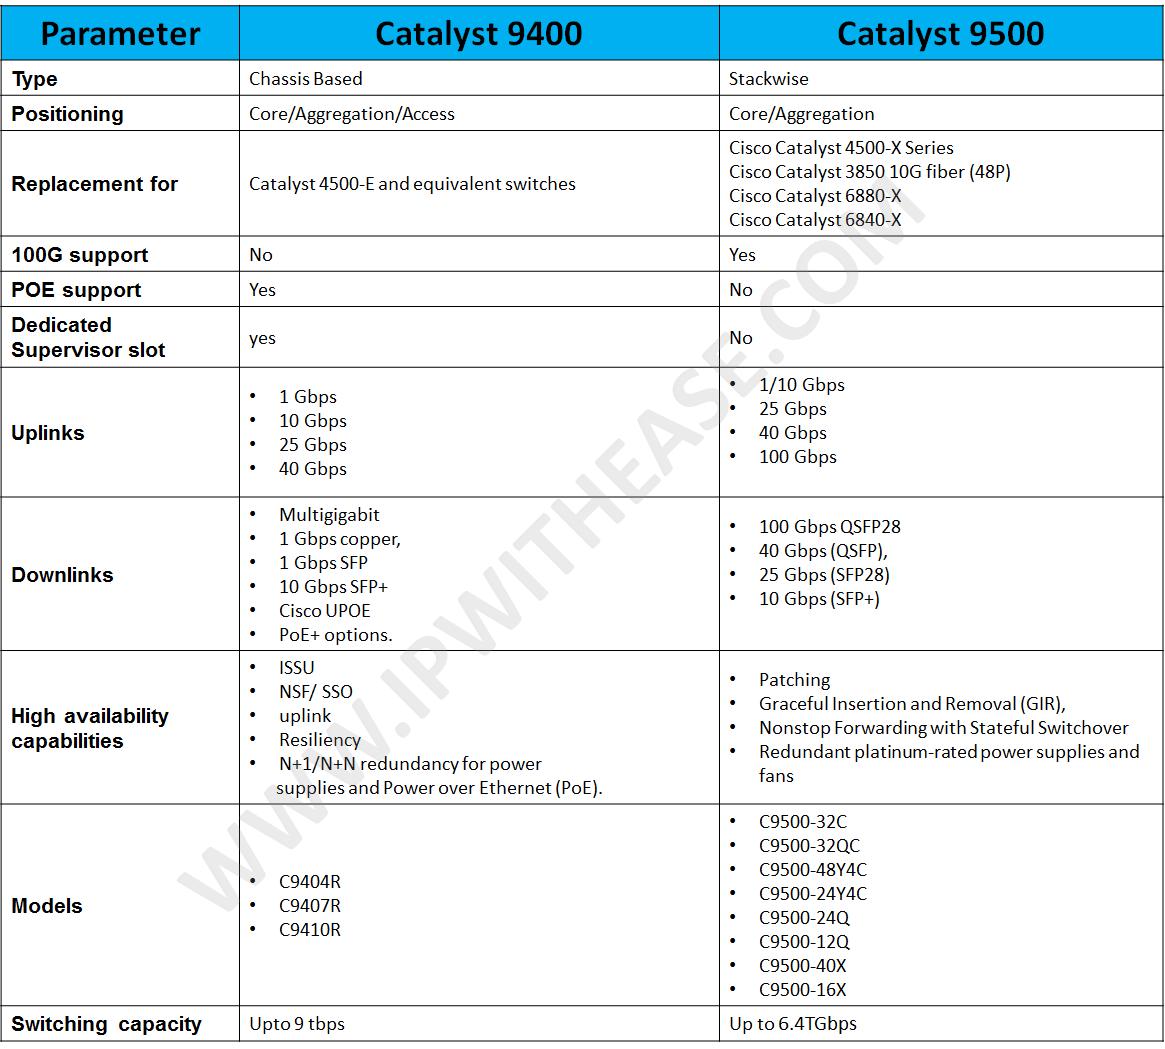 catalyst 9400